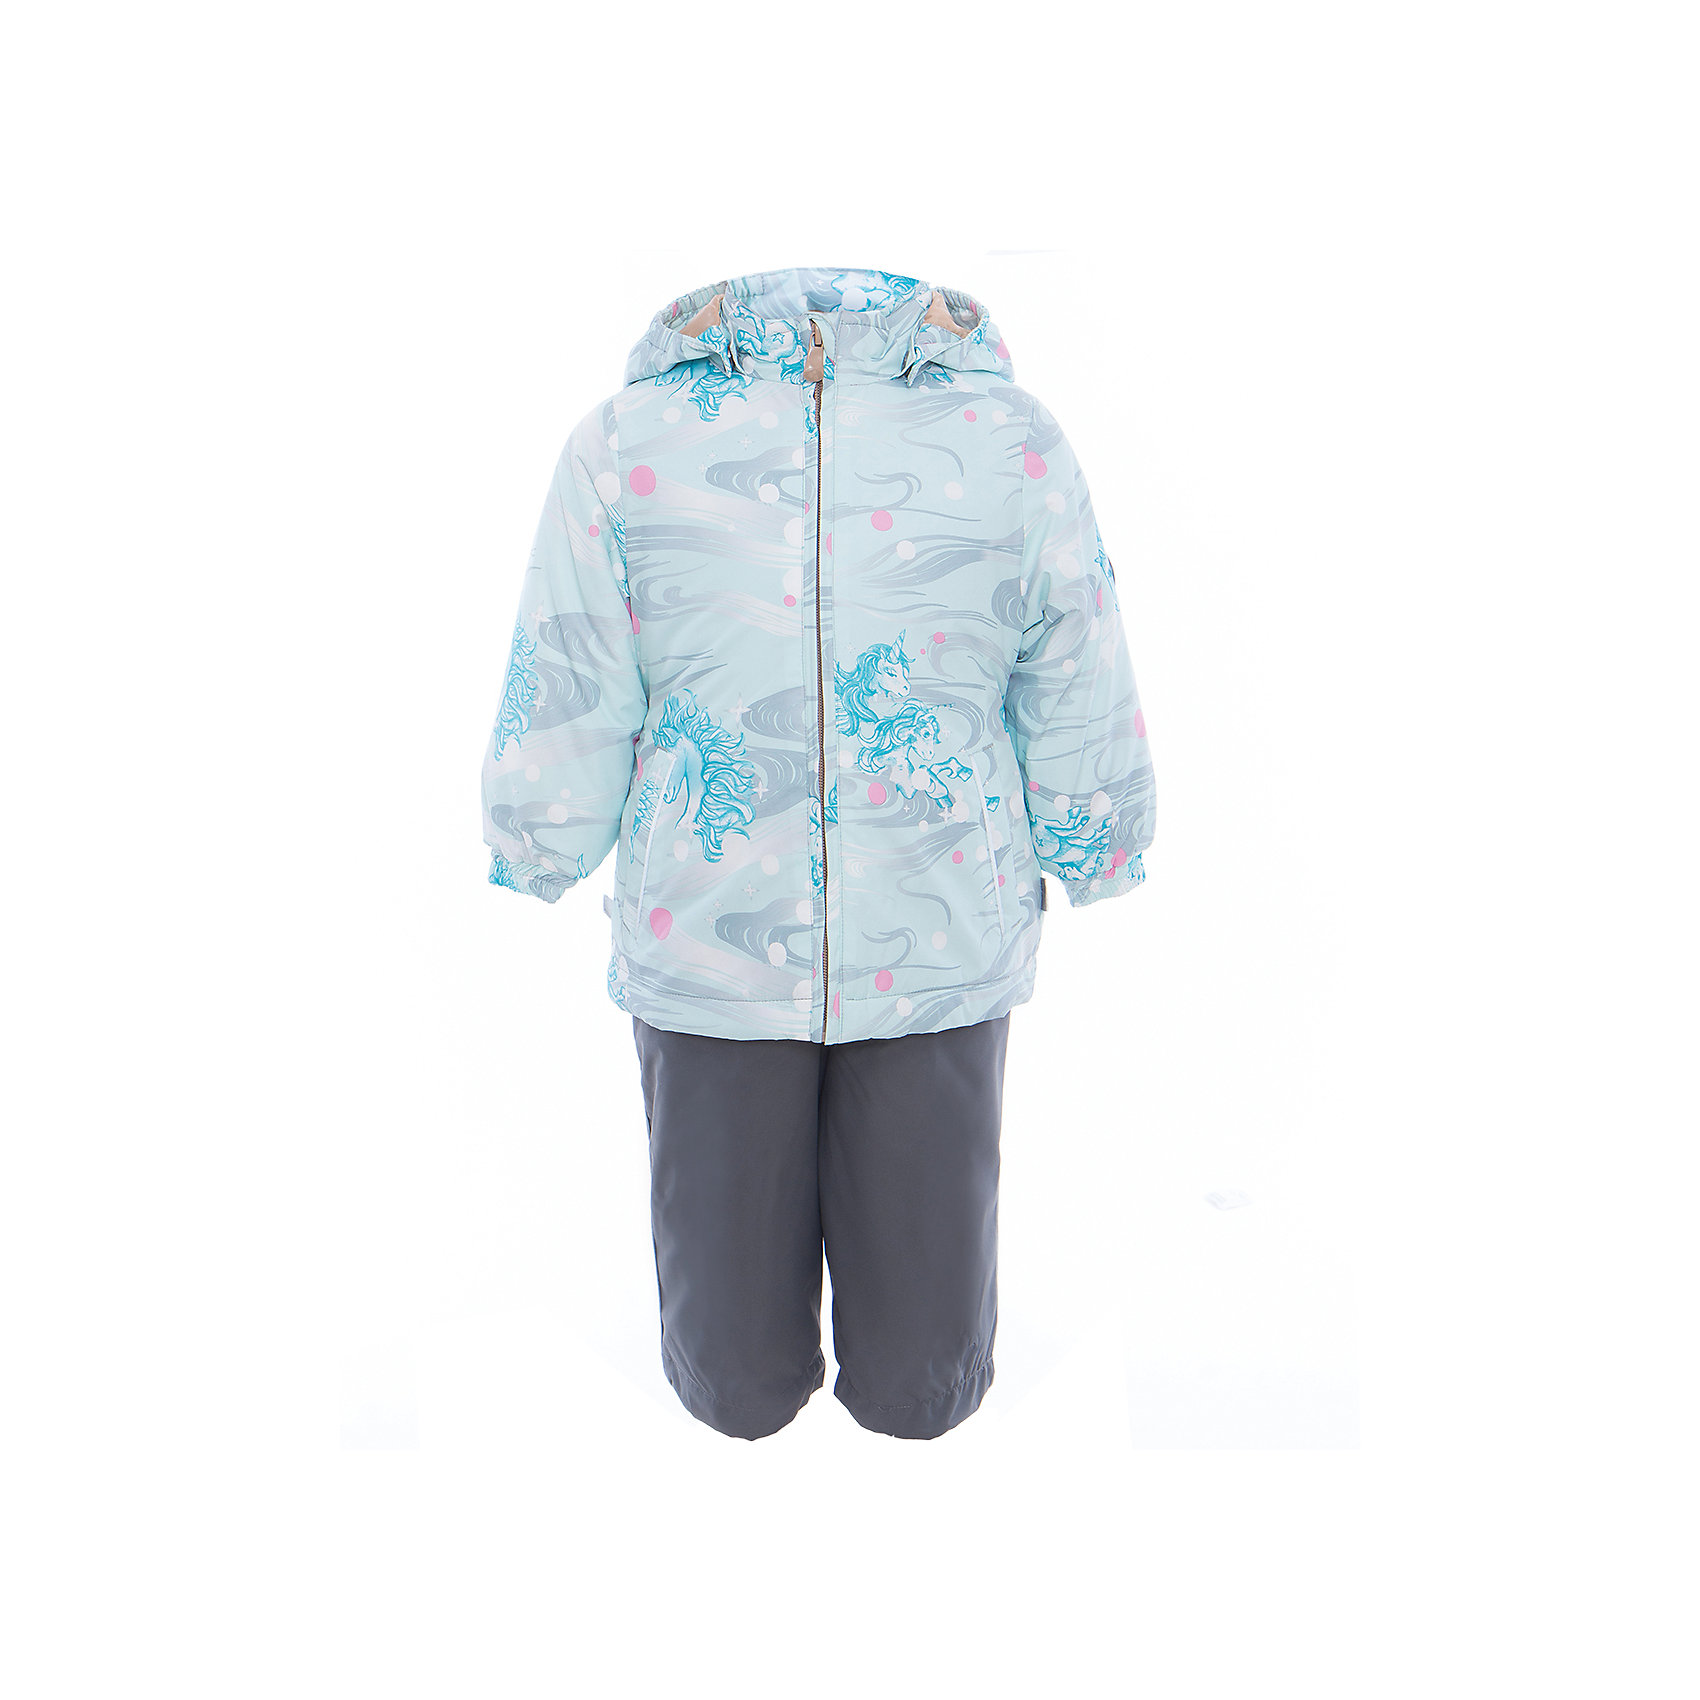 Комплект: куртка и полукомбинезон для девочки YONNE HuppaВерхняя одежда<br>Характеристики товара:<br><br>• цвет: аква принт/серый<br>• комплектация: куртка и полукомбинезон <br>• ткань: 100% полиэстер<br>• подкладка: тафта - 100% полиэстер<br>• утеплитель: куртка и полукомбинезон - 100% полиэстер 100 г.<br>• температурный режим: от -5°С до +10°С<br>• водонепроницаемость: верх - 5000 мм, низ - 10000 мм<br>• воздухопроницаемость: верх - 5000 мм, низ - 10000 мм<br>• светоотражающие детали<br>• шов сидения проклеен<br>• съёмный капюшон с резинкой<br>• защита подбородка от молнии<br>• эластичные манжеты на рукавах<br>• регулируемый низ брючин<br>• эластичный шнур с фиксатором внизу брючин<br>• без внутренних швов<br>• резиновые подтяжки<br>• коллекция: весна-лето 2017<br>• страна бренда: Эстония<br><br>Такой модный демисезонный комплект  обеспечит детям тепло и комфорт. Он сделан из материала, отталкивающего воду, и дополнен подкладкой с утеплителем, поэтому изделие идеально подходит для межсезонья. Материал изделий - с мембранной технологией: защищая от влаги и ветра, он легко выводит лишнюю влагу наружу. Комплект очень симпатично смотрится. <br><br>Одежда и обувь от популярного эстонского бренда Huppa - отличный вариант одеть ребенка можно и комфортно. Вещи, выпускаемые компанией, качественные, продуманные и очень удобные. Для производства изделий используются только безопасные для детей материалы. Продукция от Huppa порадует и детей, и их родителей!<br><br>Комплект: куртка и полукомбинезон YONNE от бренда Huppa (Хуппа) можно купить в нашем интернет-магазине.<br><br>Ширина мм: 356<br>Глубина мм: 10<br>Высота мм: 245<br>Вес г: 519<br>Цвет: зеленый<br>Возраст от месяцев: 72<br>Возраст до месяцев: 84<br>Пол: Женский<br>Возраст: Детский<br>Размер: 122,80,86,92,98,104,110,116<br>SKU: 5346608